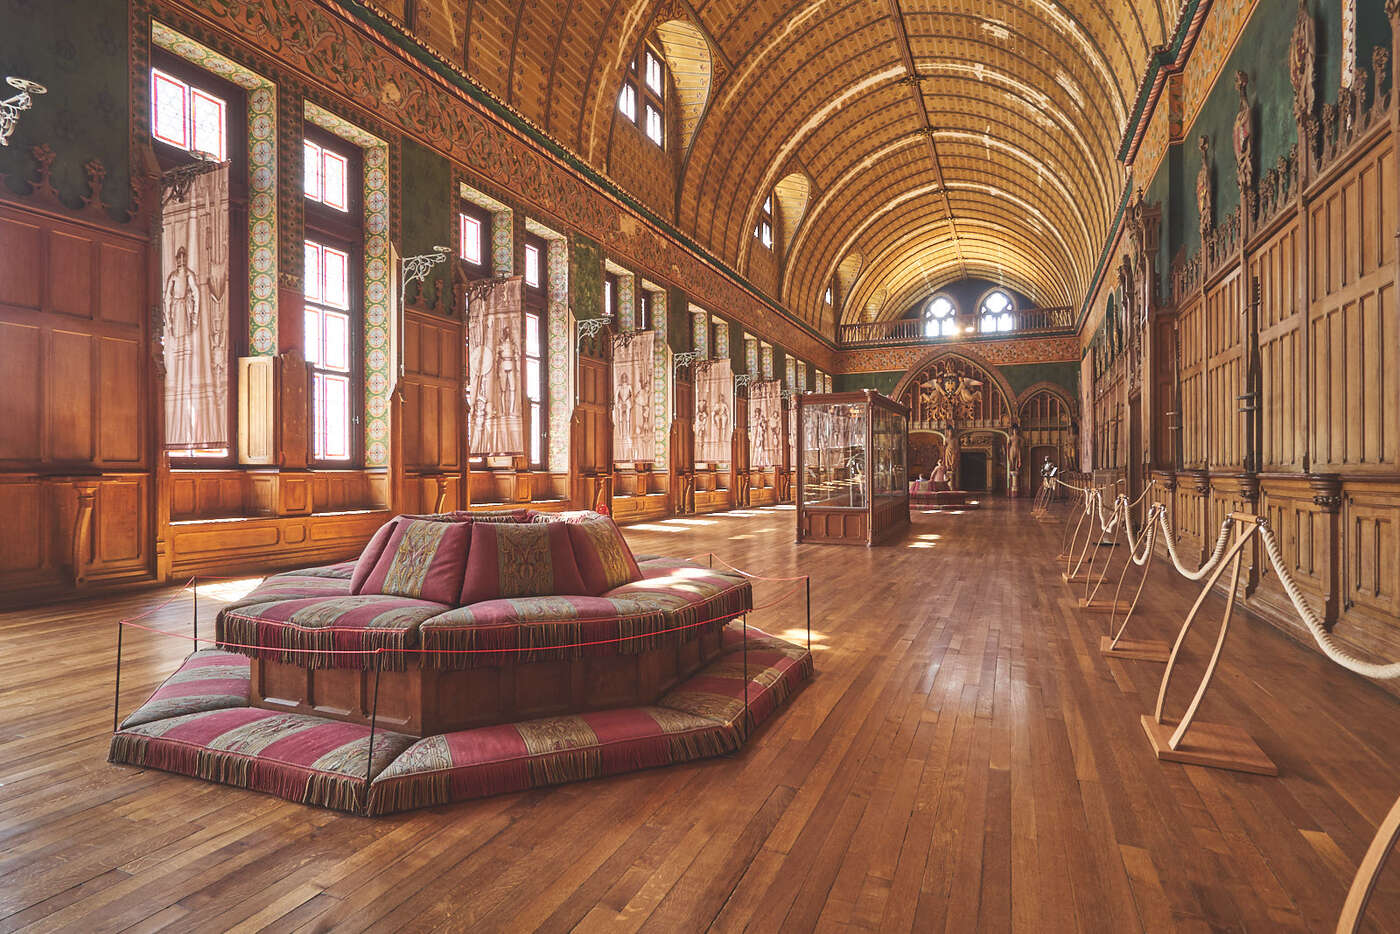 Salle des Preuses du château de Pierrefonds